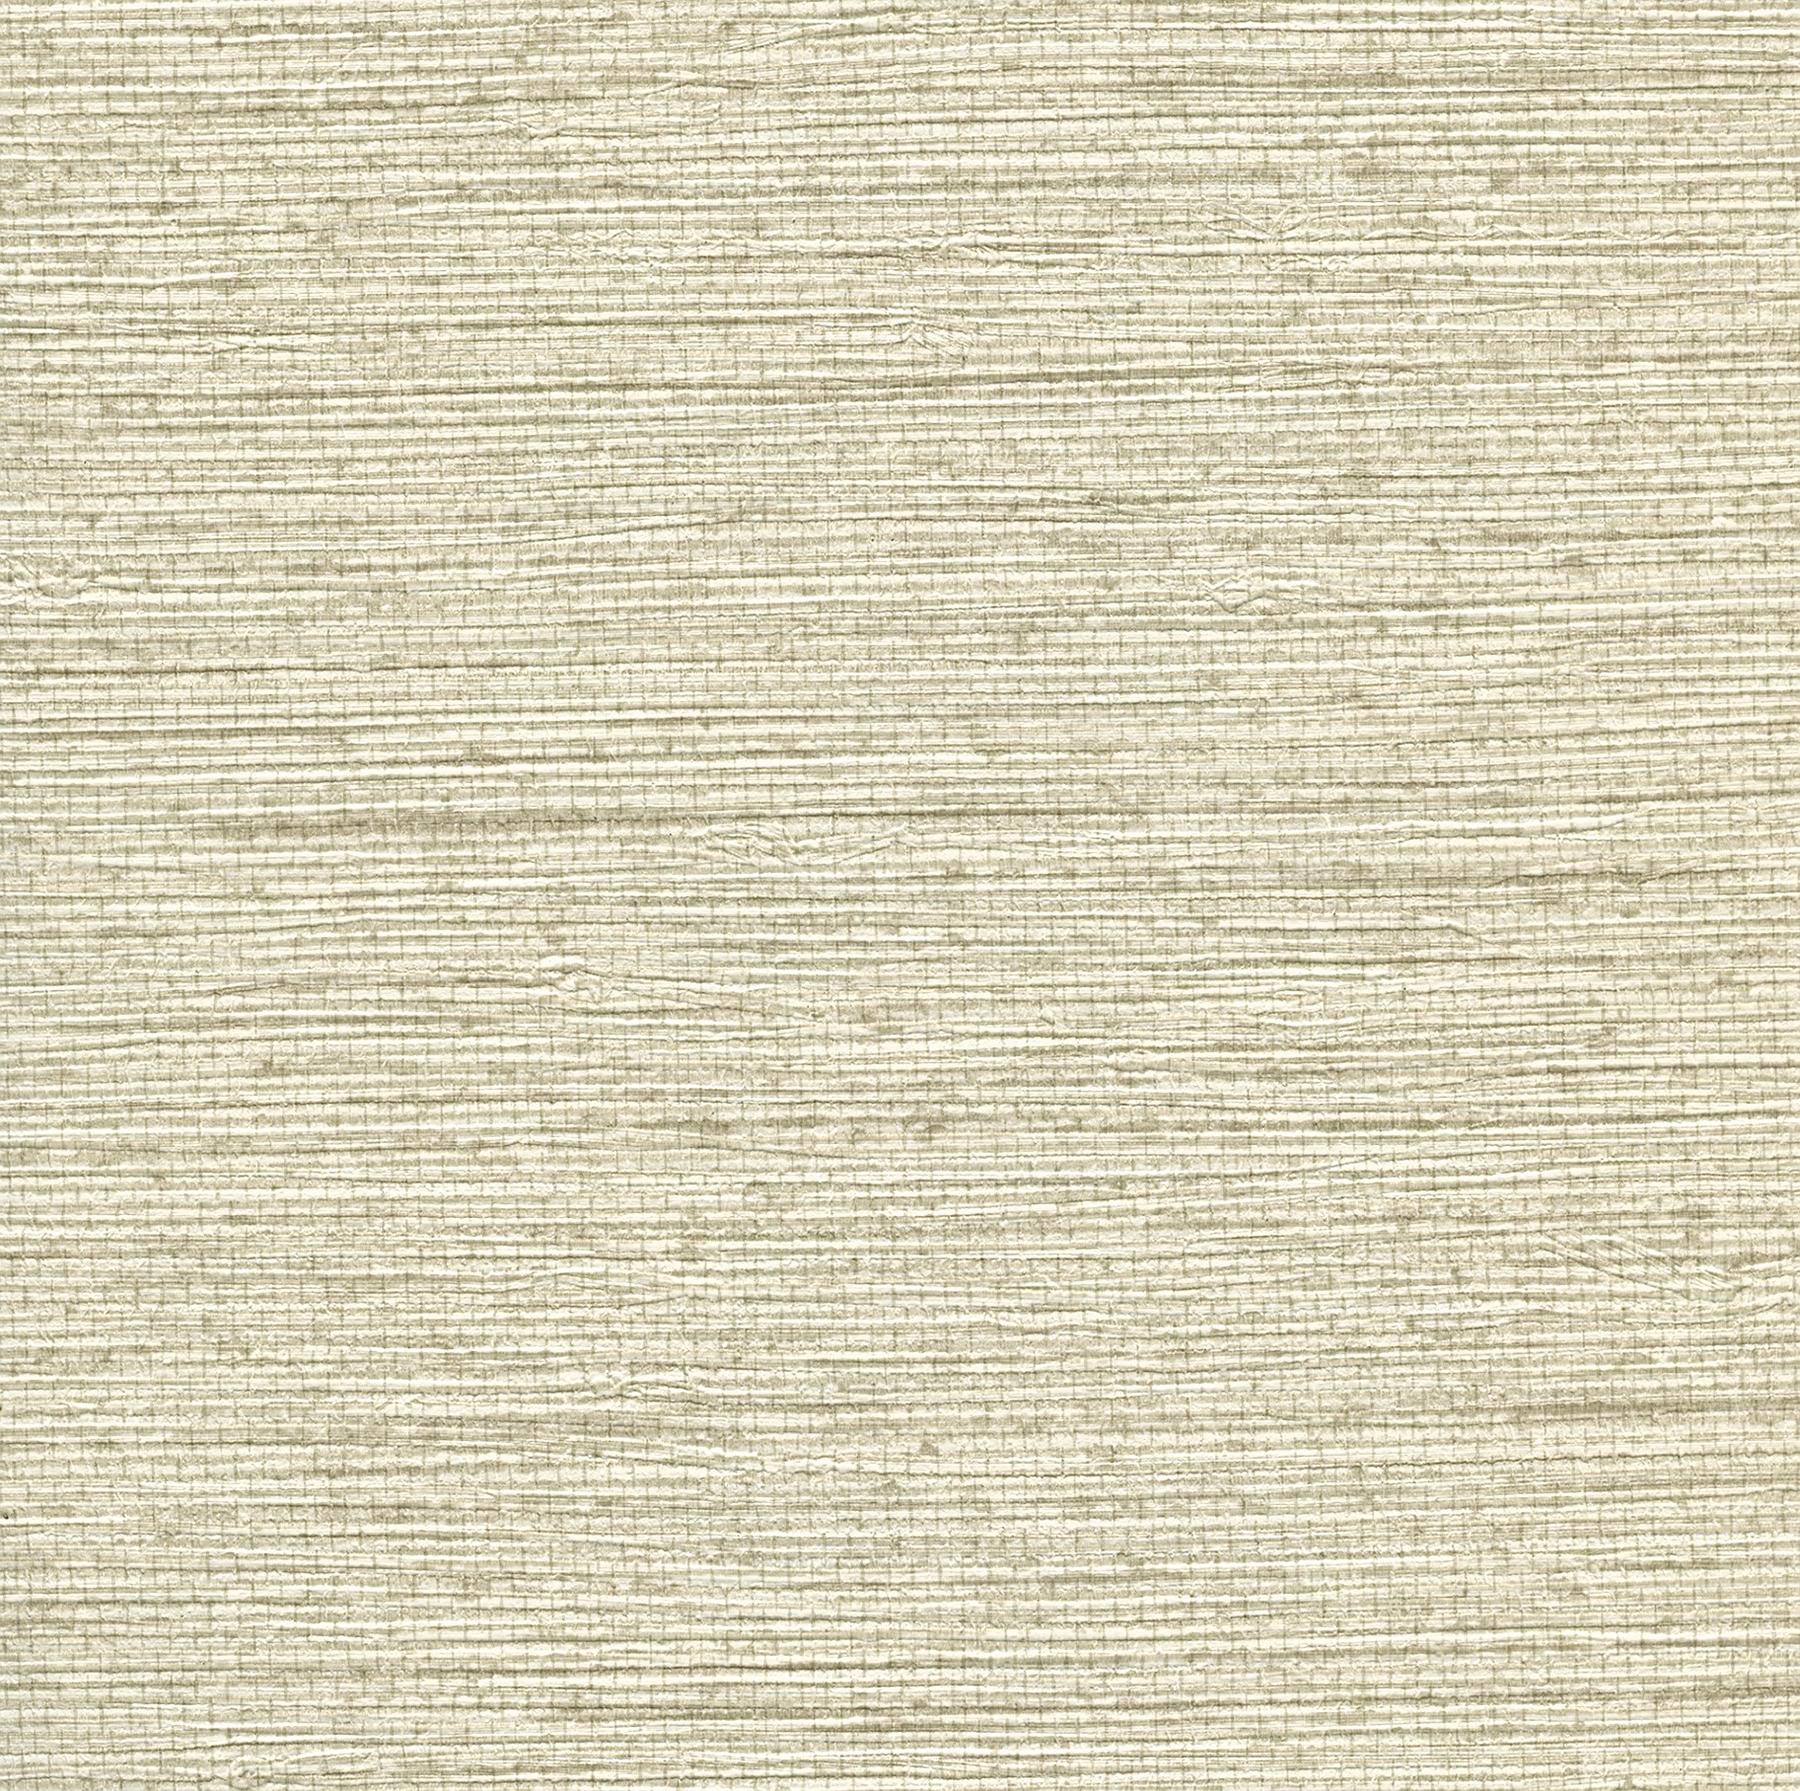 Picture of Bali Off-White Seagrass Wallpaper